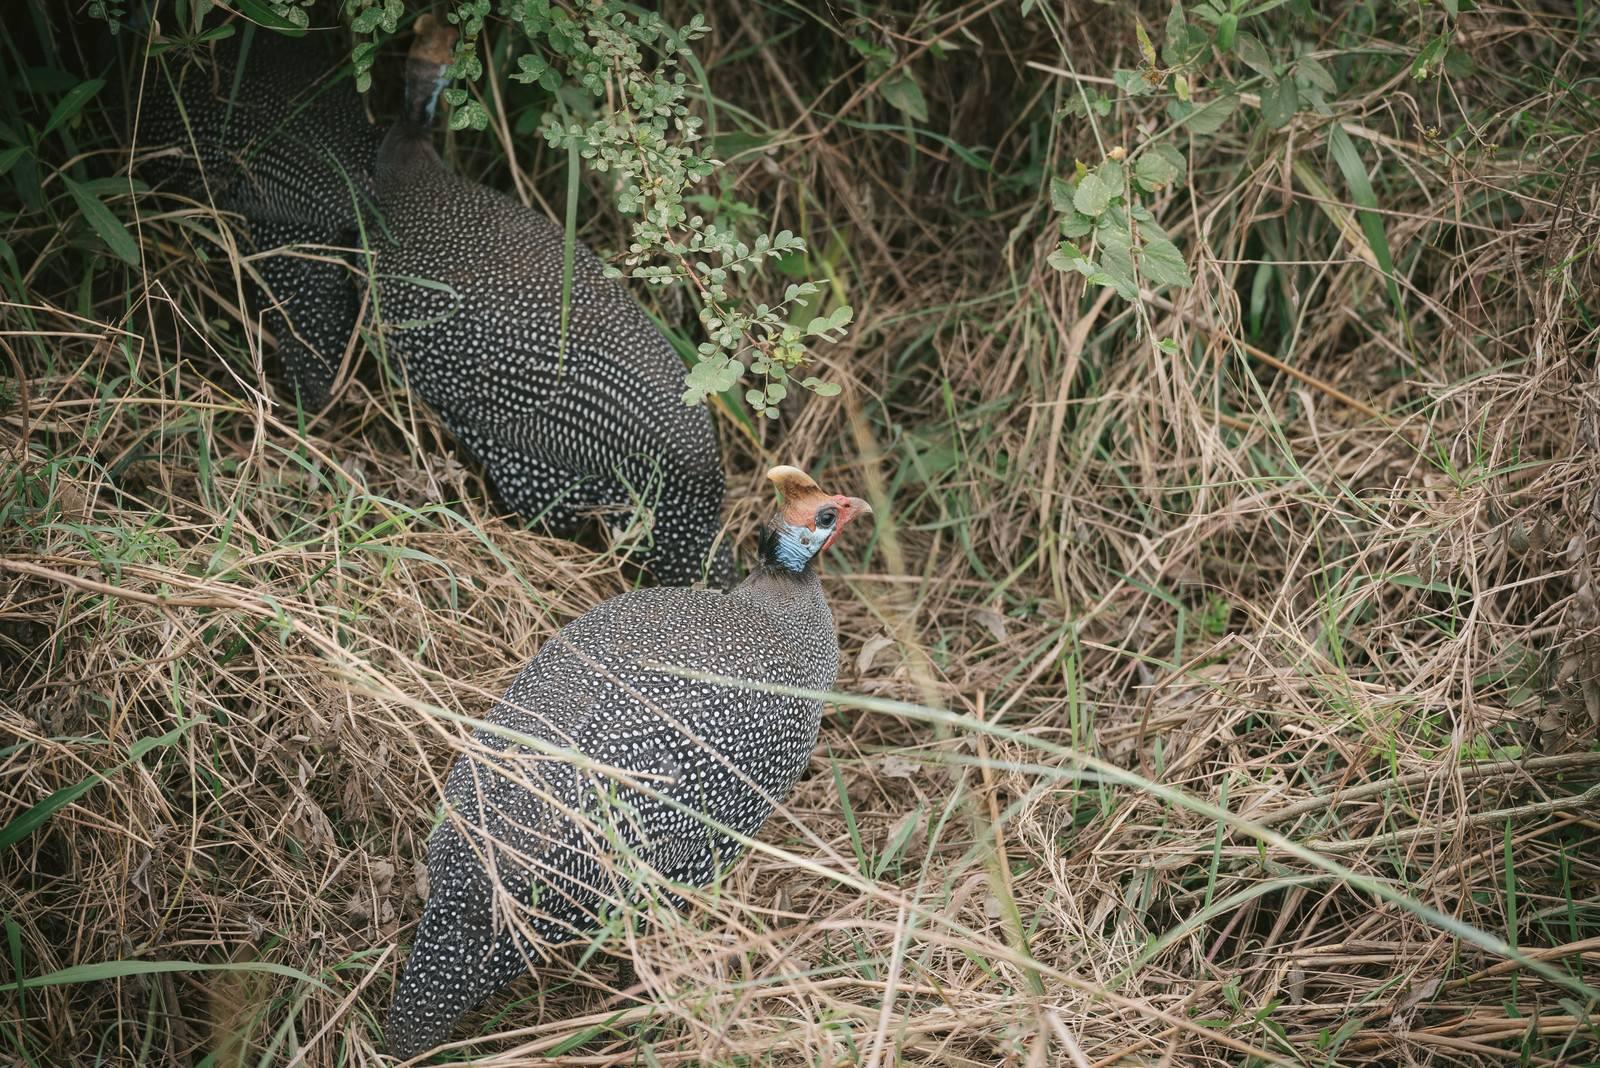 「枯れ草で巣作りするキジ枯れ草で巣作りするキジ」のフリー写真素材を拡大